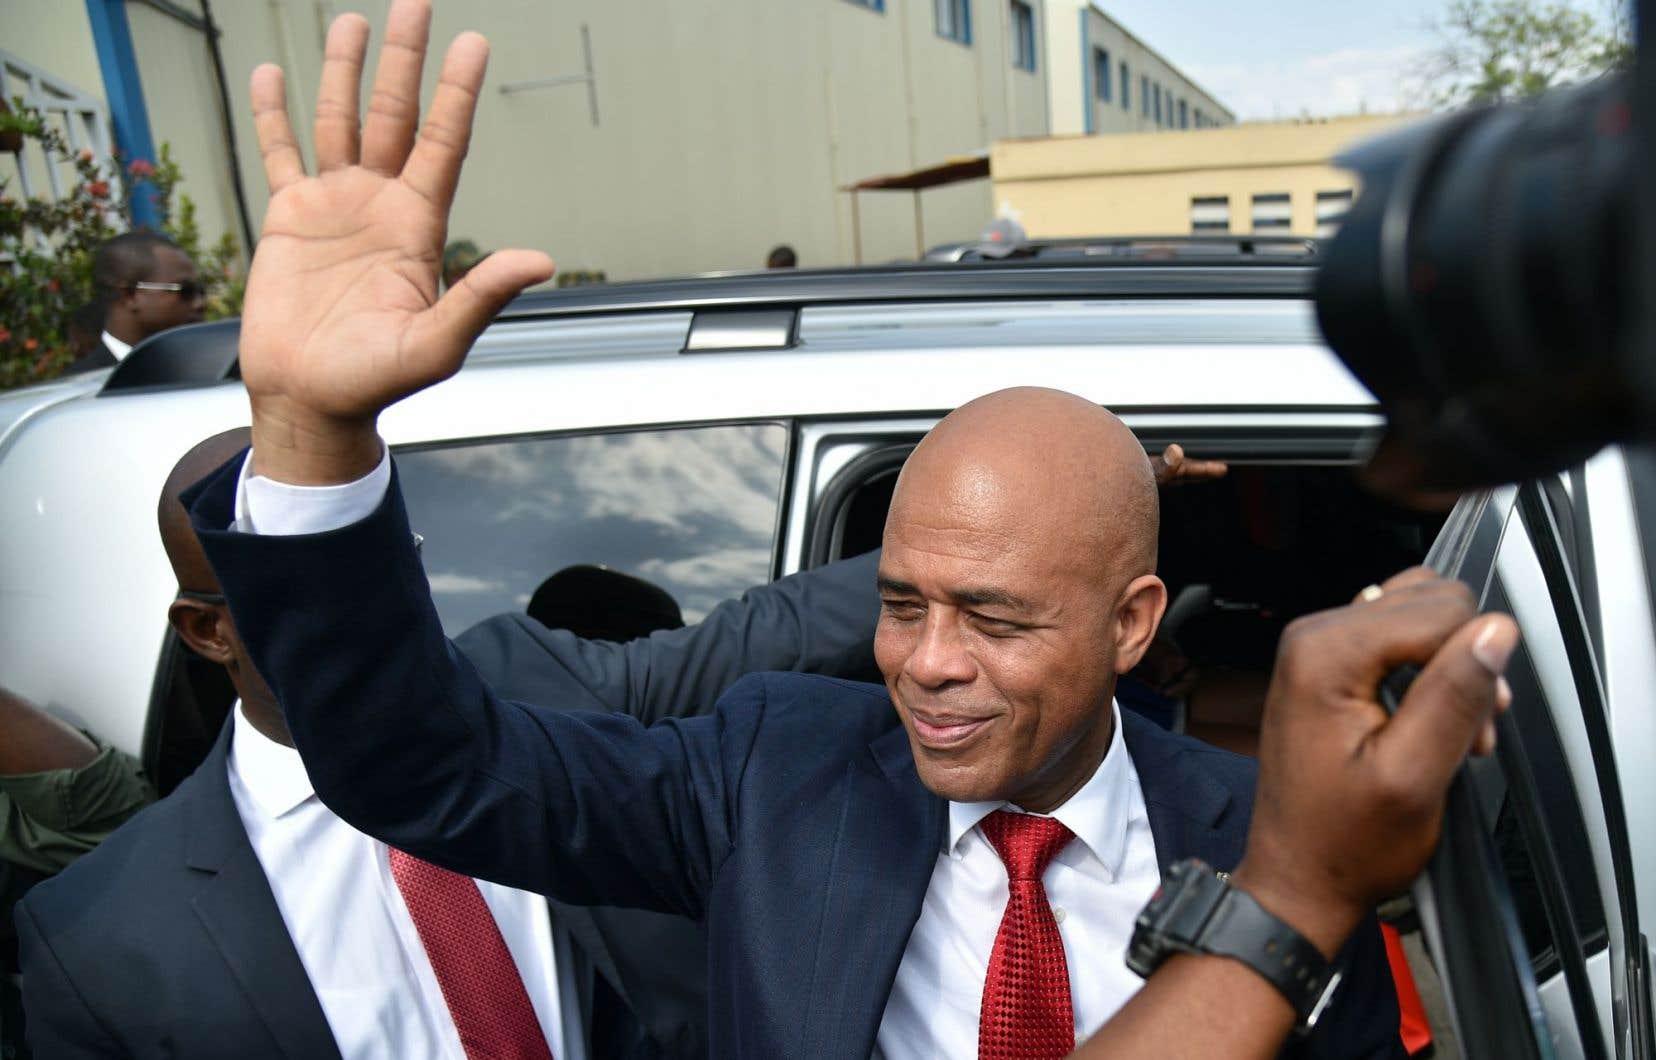 En raison des reports successifs du second tour de la présidentielle, Michel Martelly a achevé son mandat le 7 février sans remettre le pouvoir à un successeur élu.